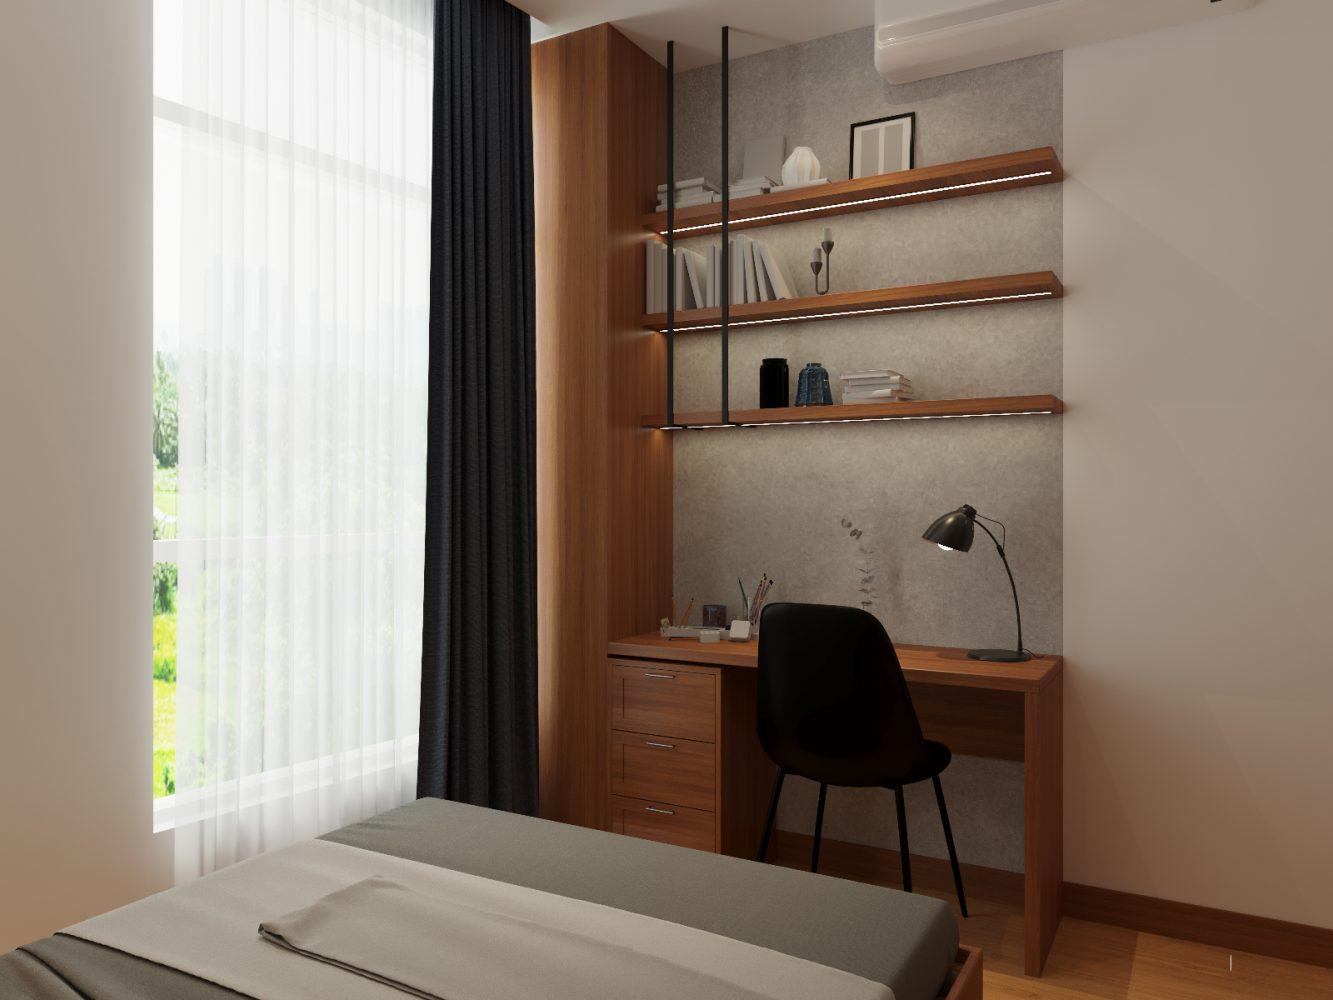 Thiết kế nội thất căn hộ 3 phòng ngủ - 06